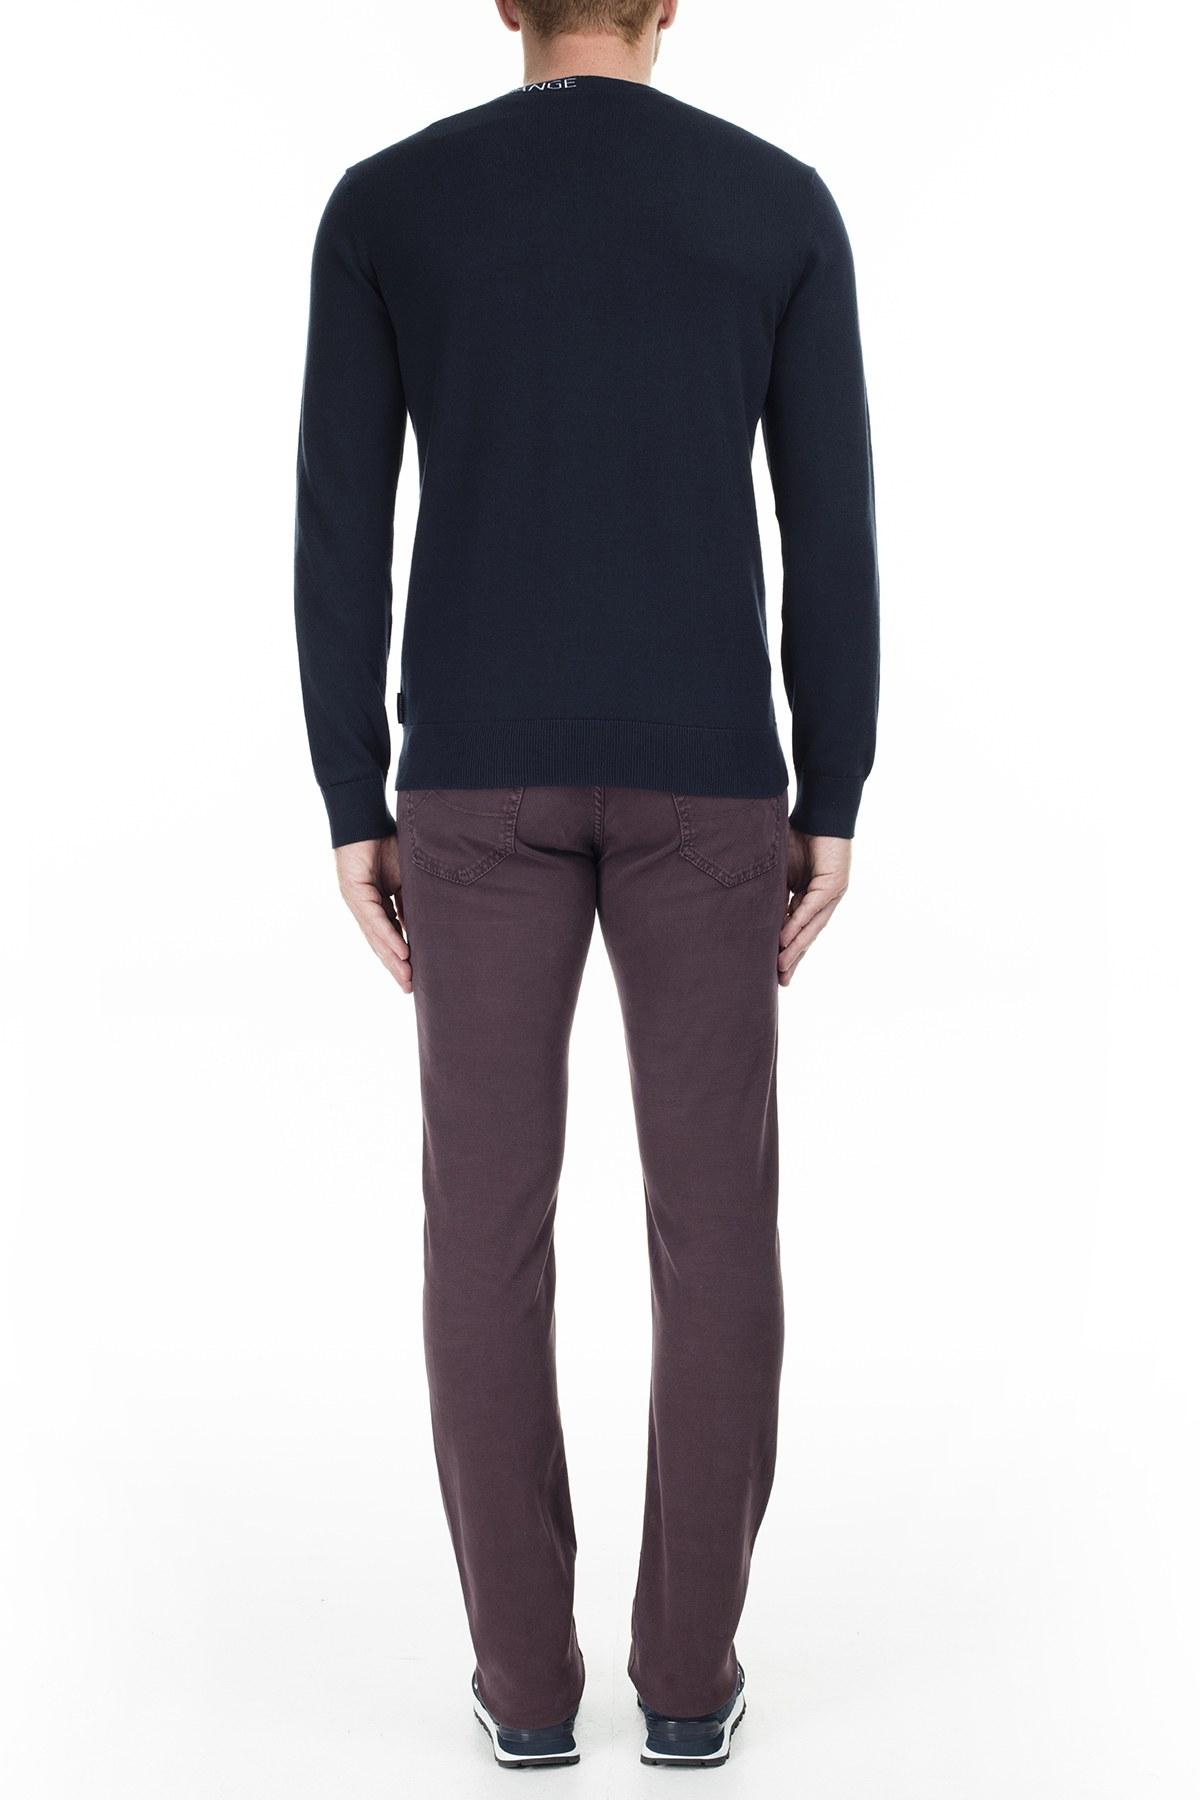 Jacob Cohen Jeans Erkek Pamuklu Pantolon J622 01644V 654 BORDO